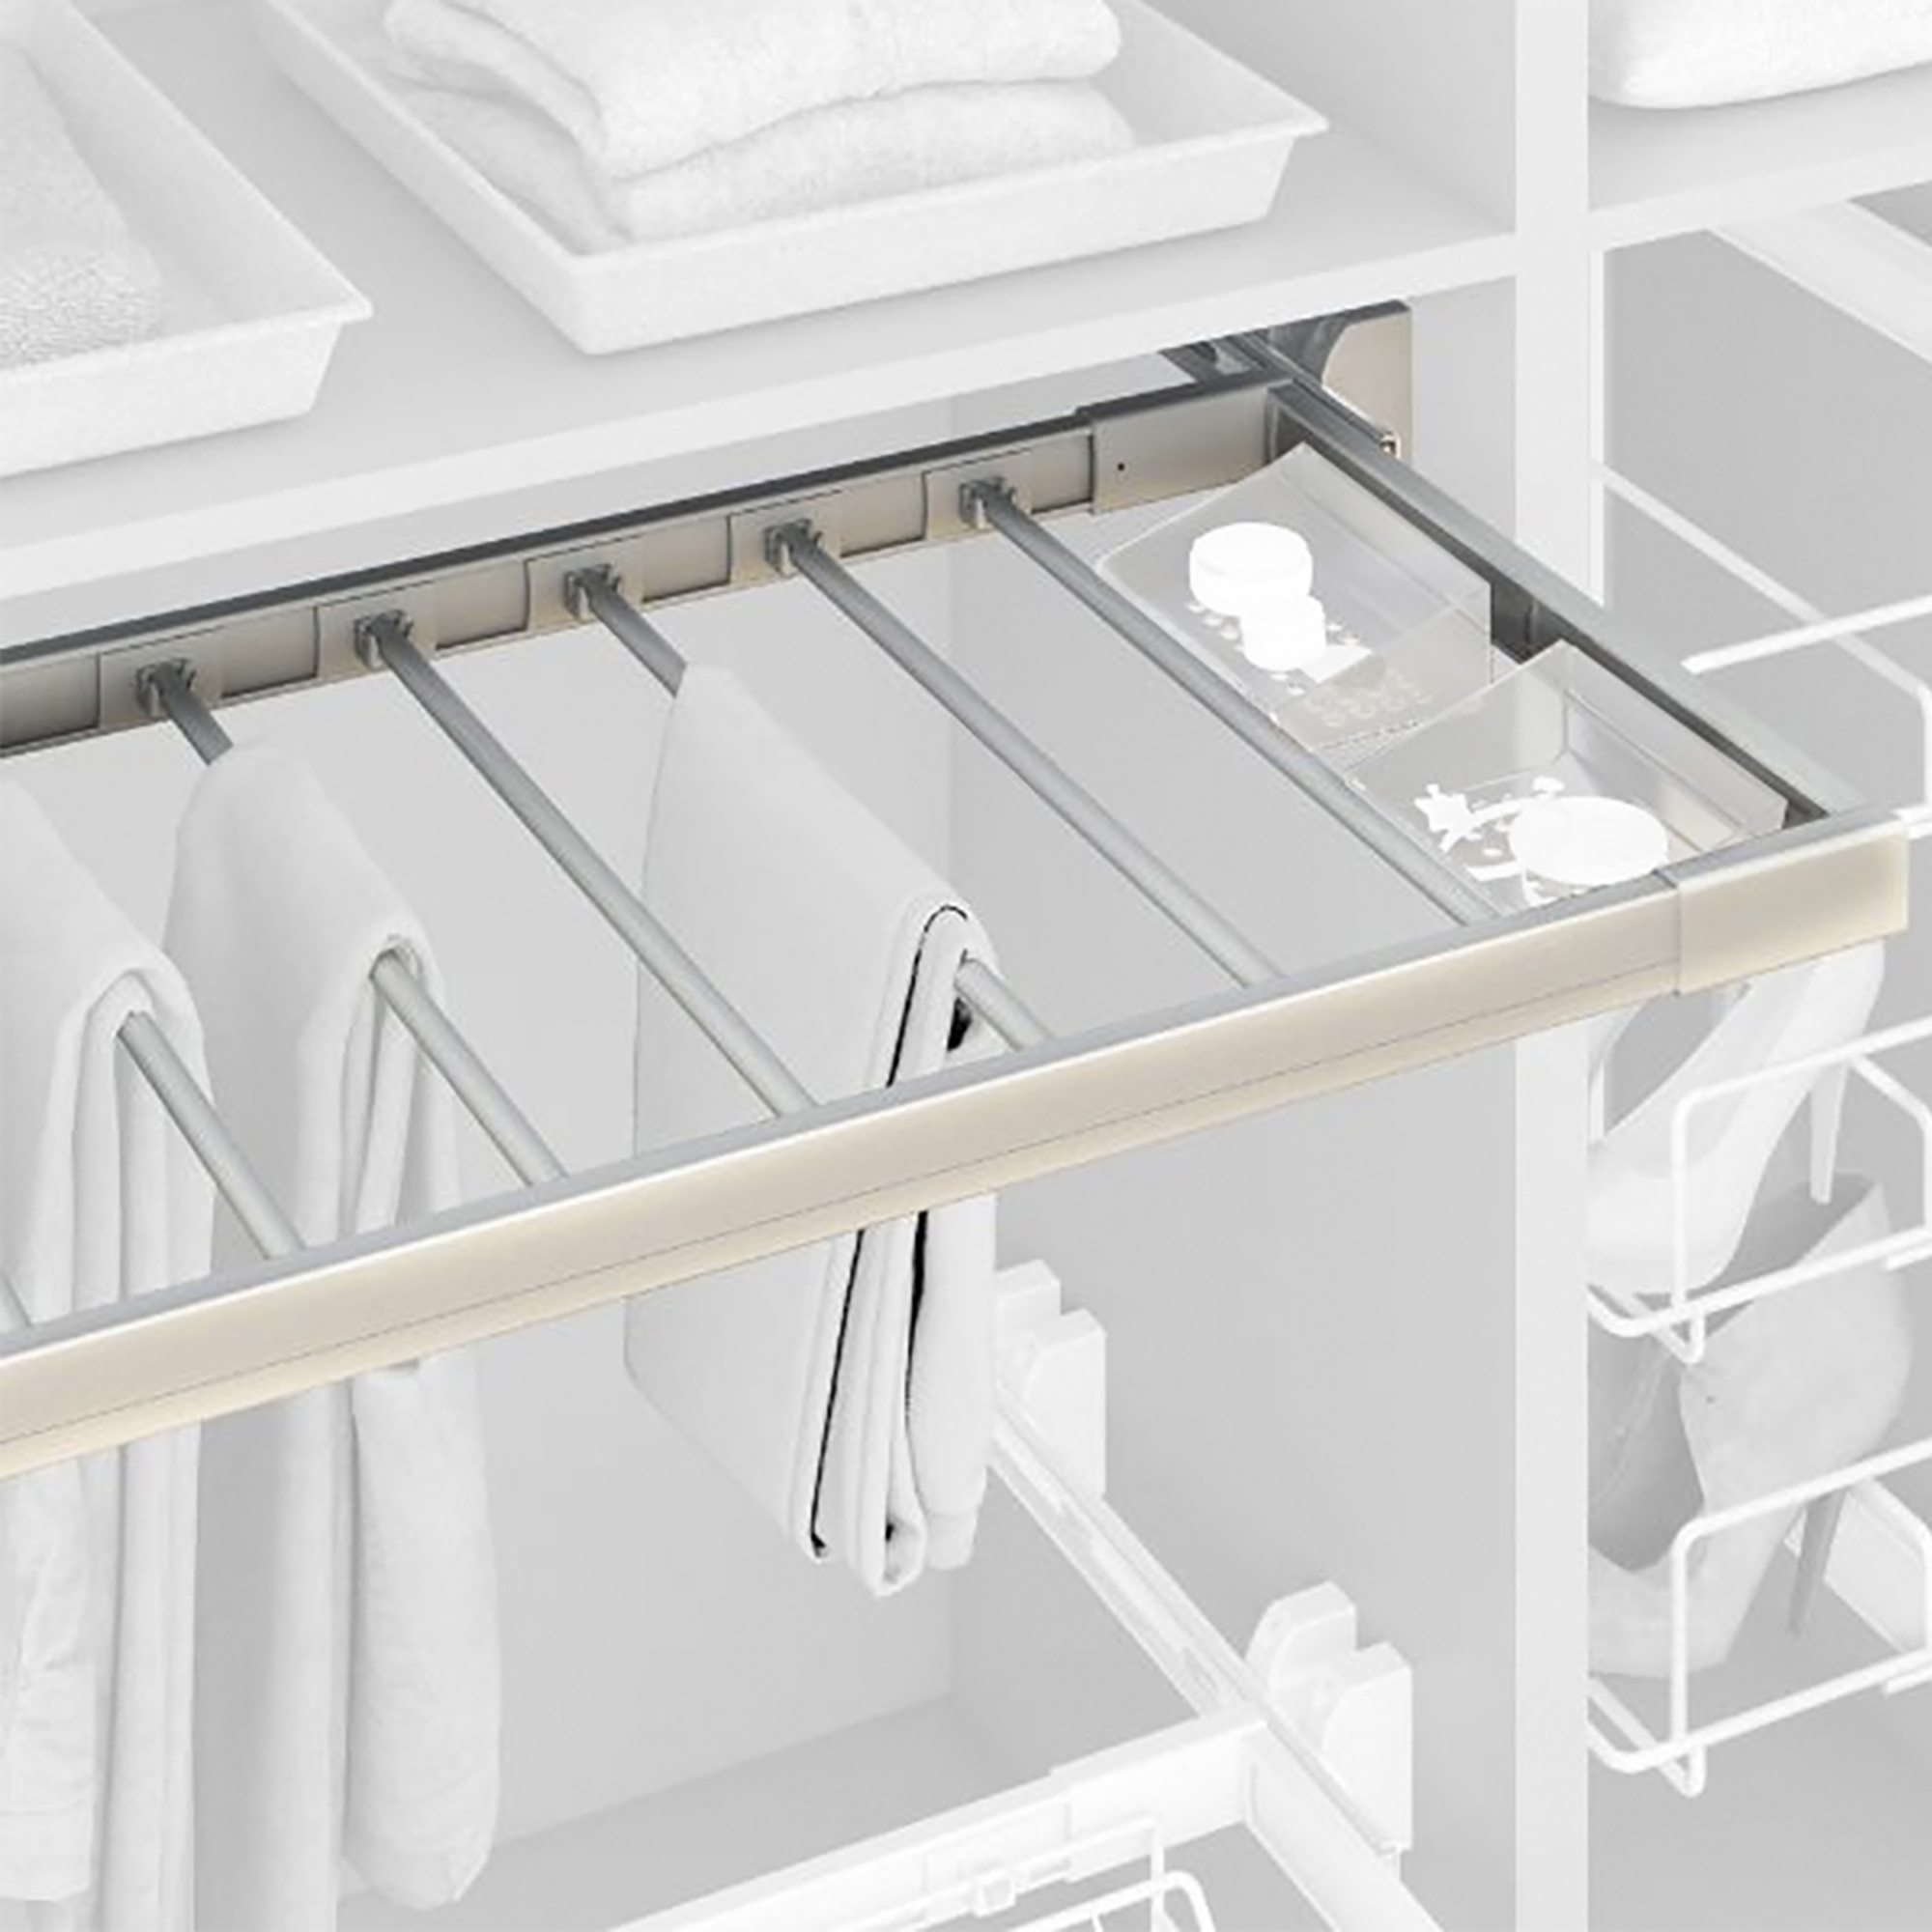 Emuca Porta Pantaloni estraibile, regolabile, modulo di 800 mm, 7 grucce, Alluminio e Acciaio, Anodizzato opaco